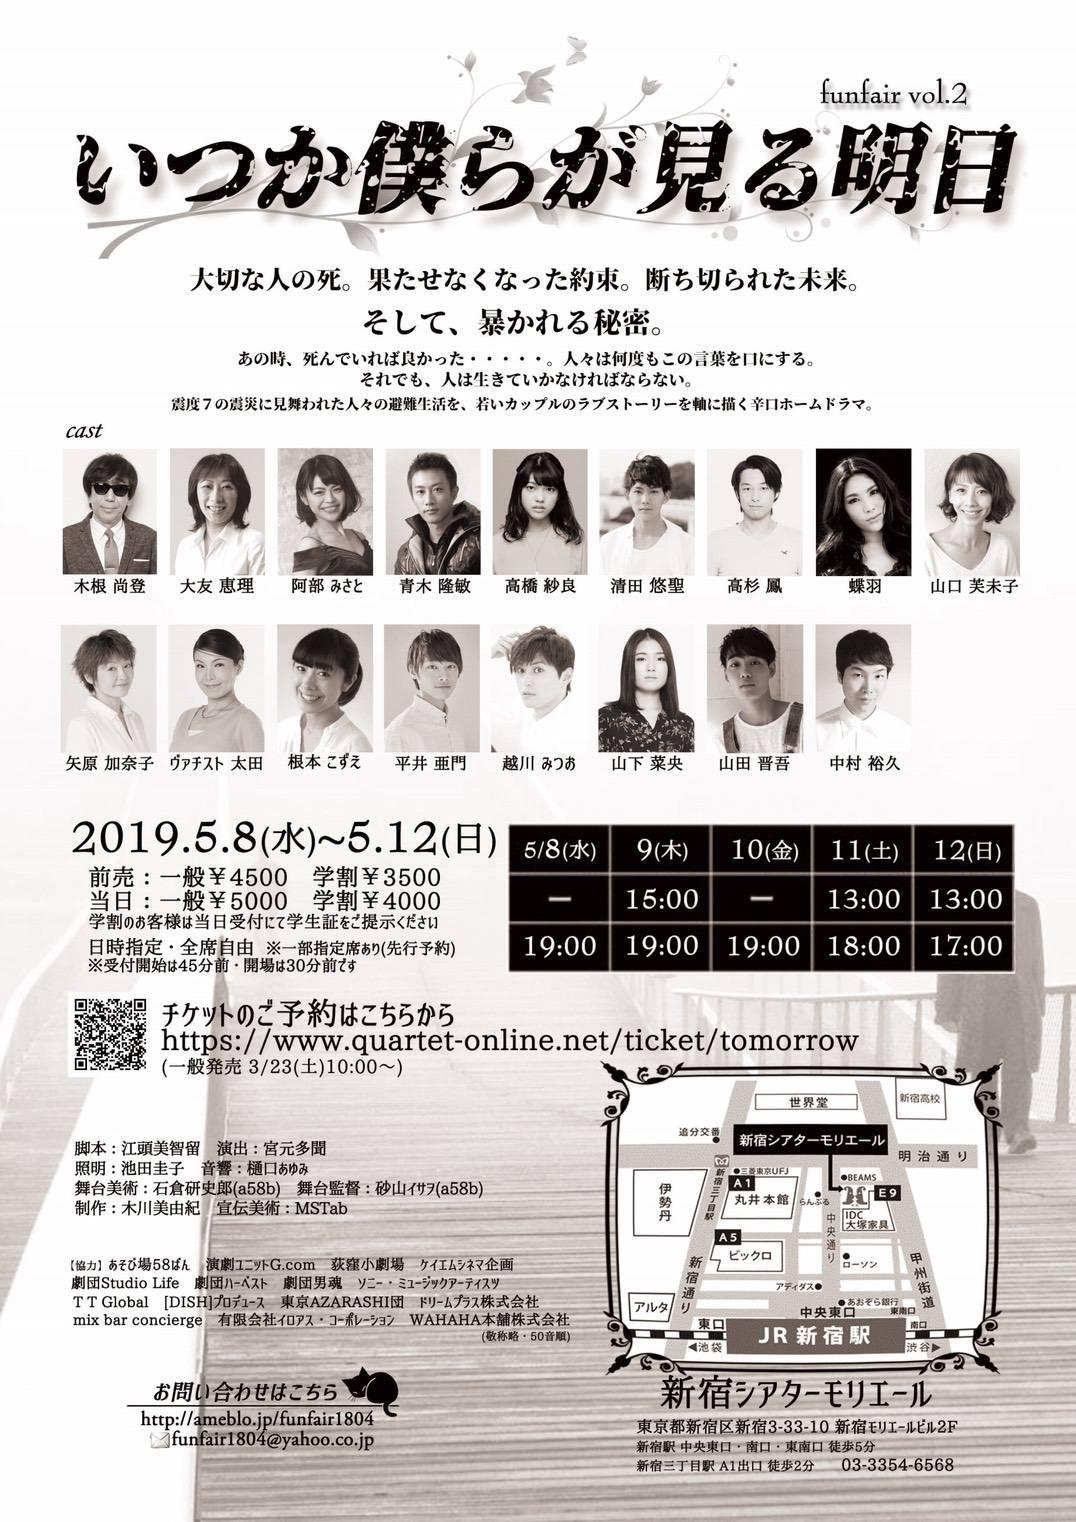 【矢原加奈子出演】funfair第2回公演【いつか僕らが見る明日】情報